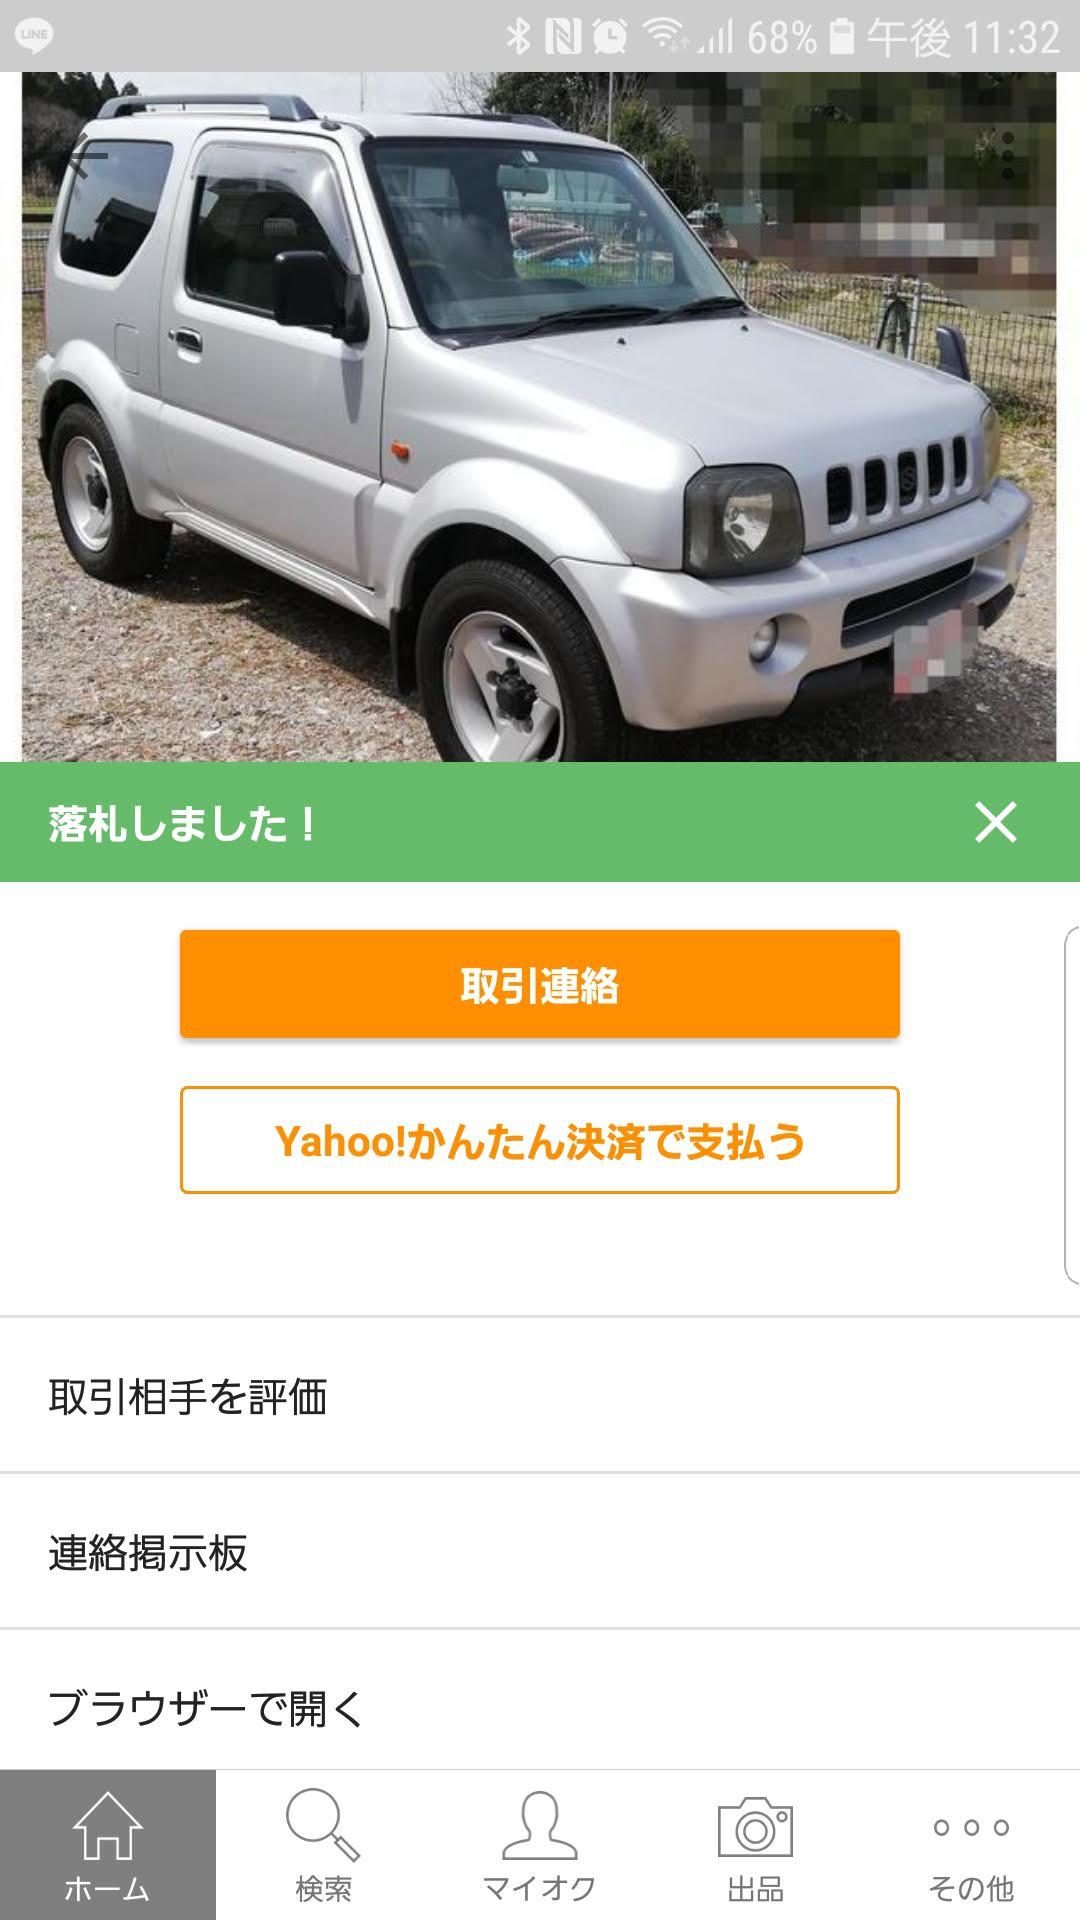 You Tube見てたらジムニーが欲しくなり、<br /> 5万6千円で落札できました。<br /> でも、写真の車と実物は別で、<br /> 少し違いました。この値段ならいいので、<br /> お金払おうとしたら、ルーフレールの<br /> 部品が飛んじゃって無いって申告があり、<br /> 2,000円下げてくれた。<br /> 引取りの仮ナンバー代とガソリン代出た!